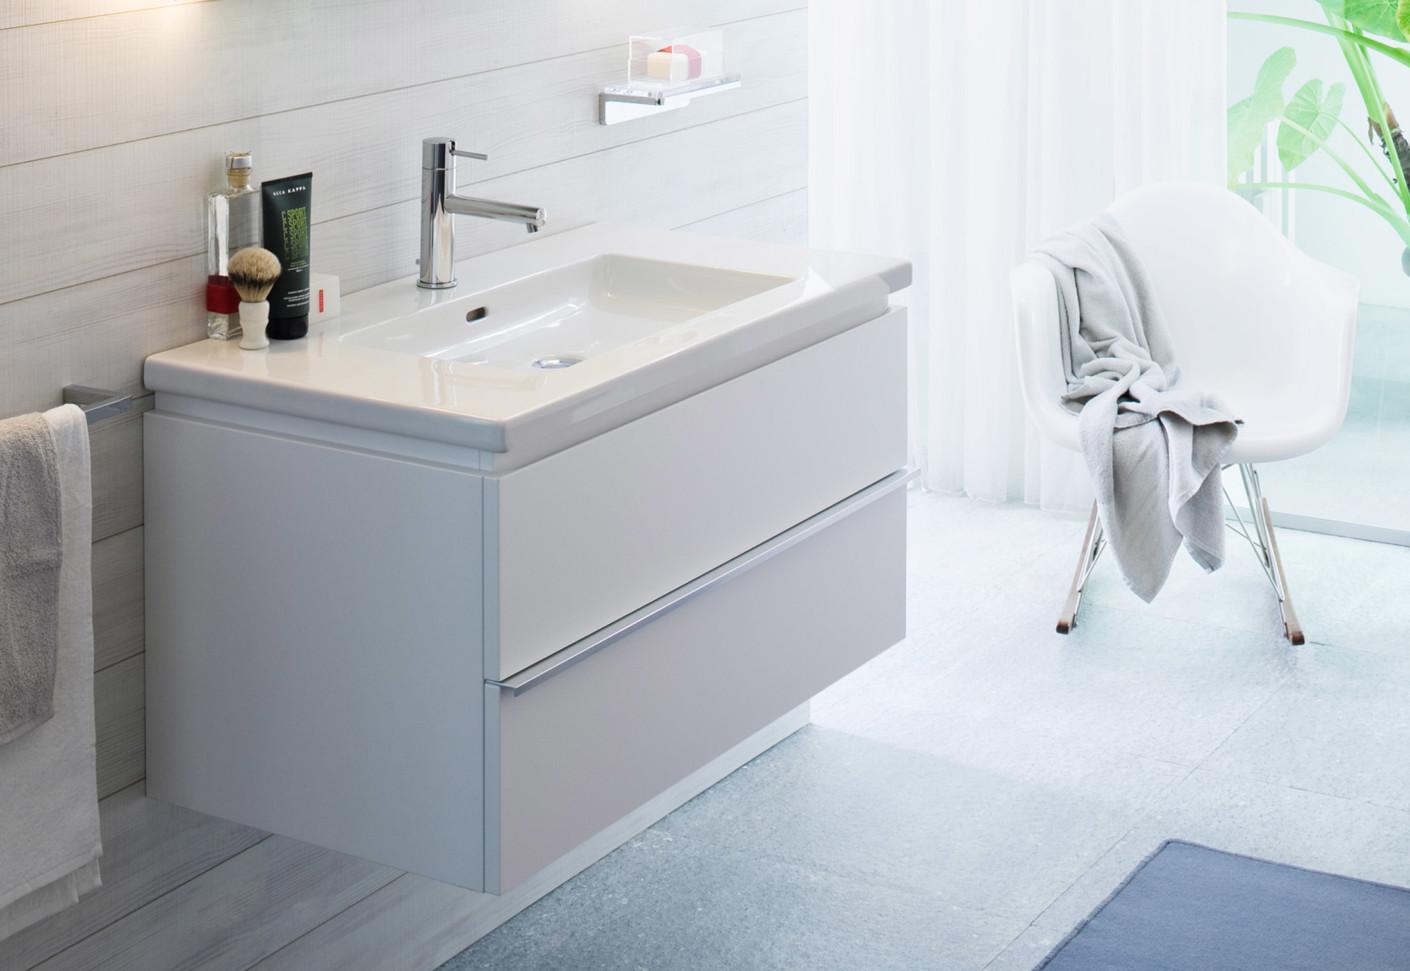 living square waschtischunterbau von laufen stylepark. Black Bedroom Furniture Sets. Home Design Ideas